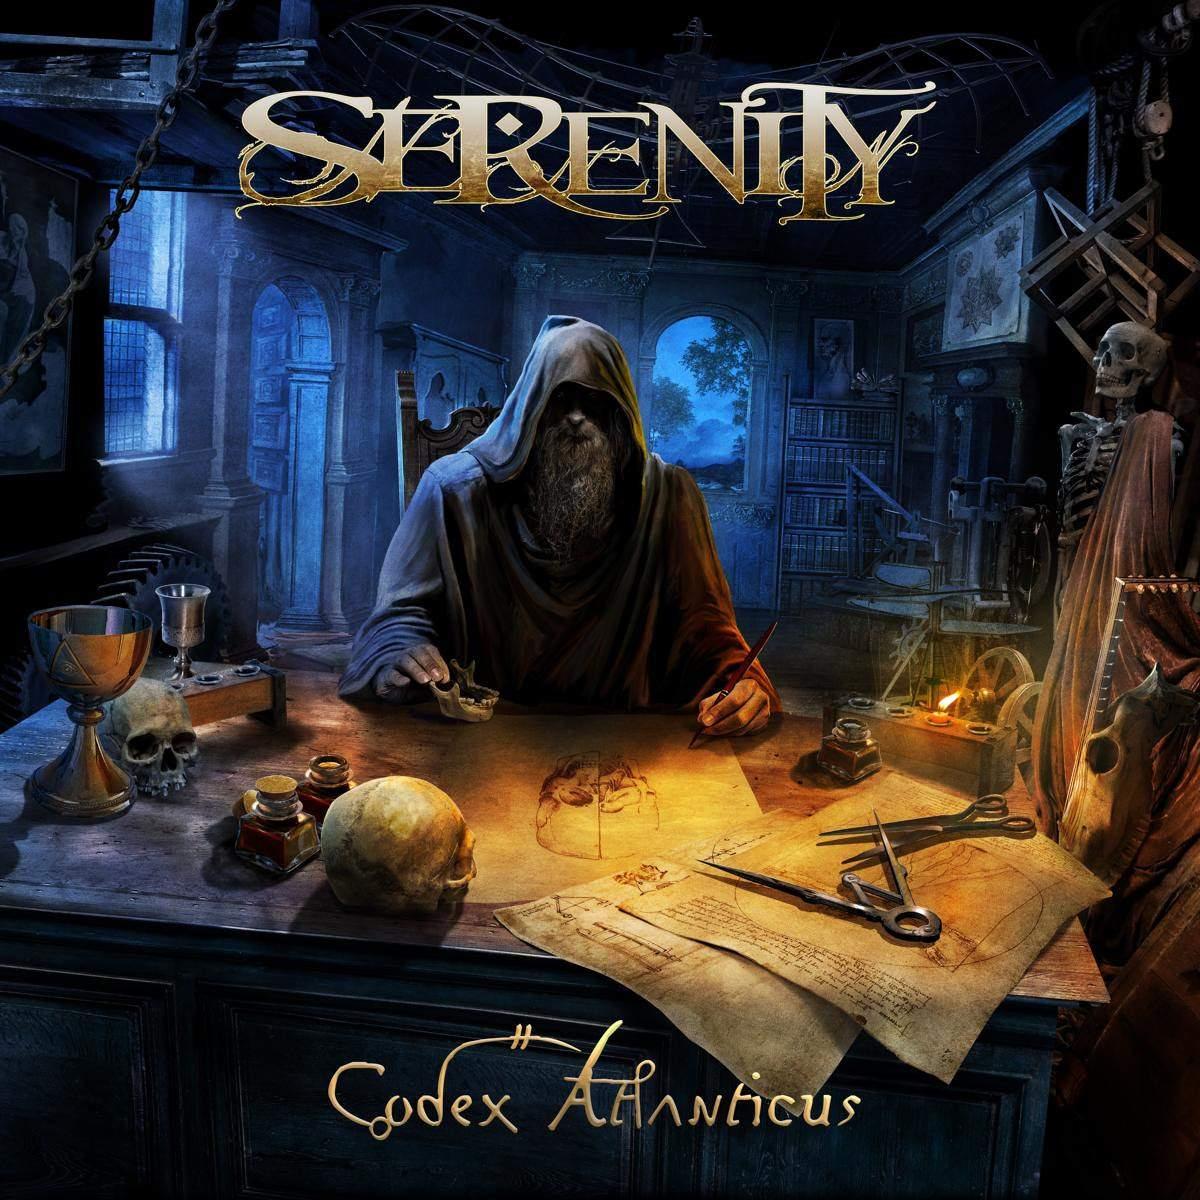 Serenity: Codex Atlanticus (2016) Book Cover